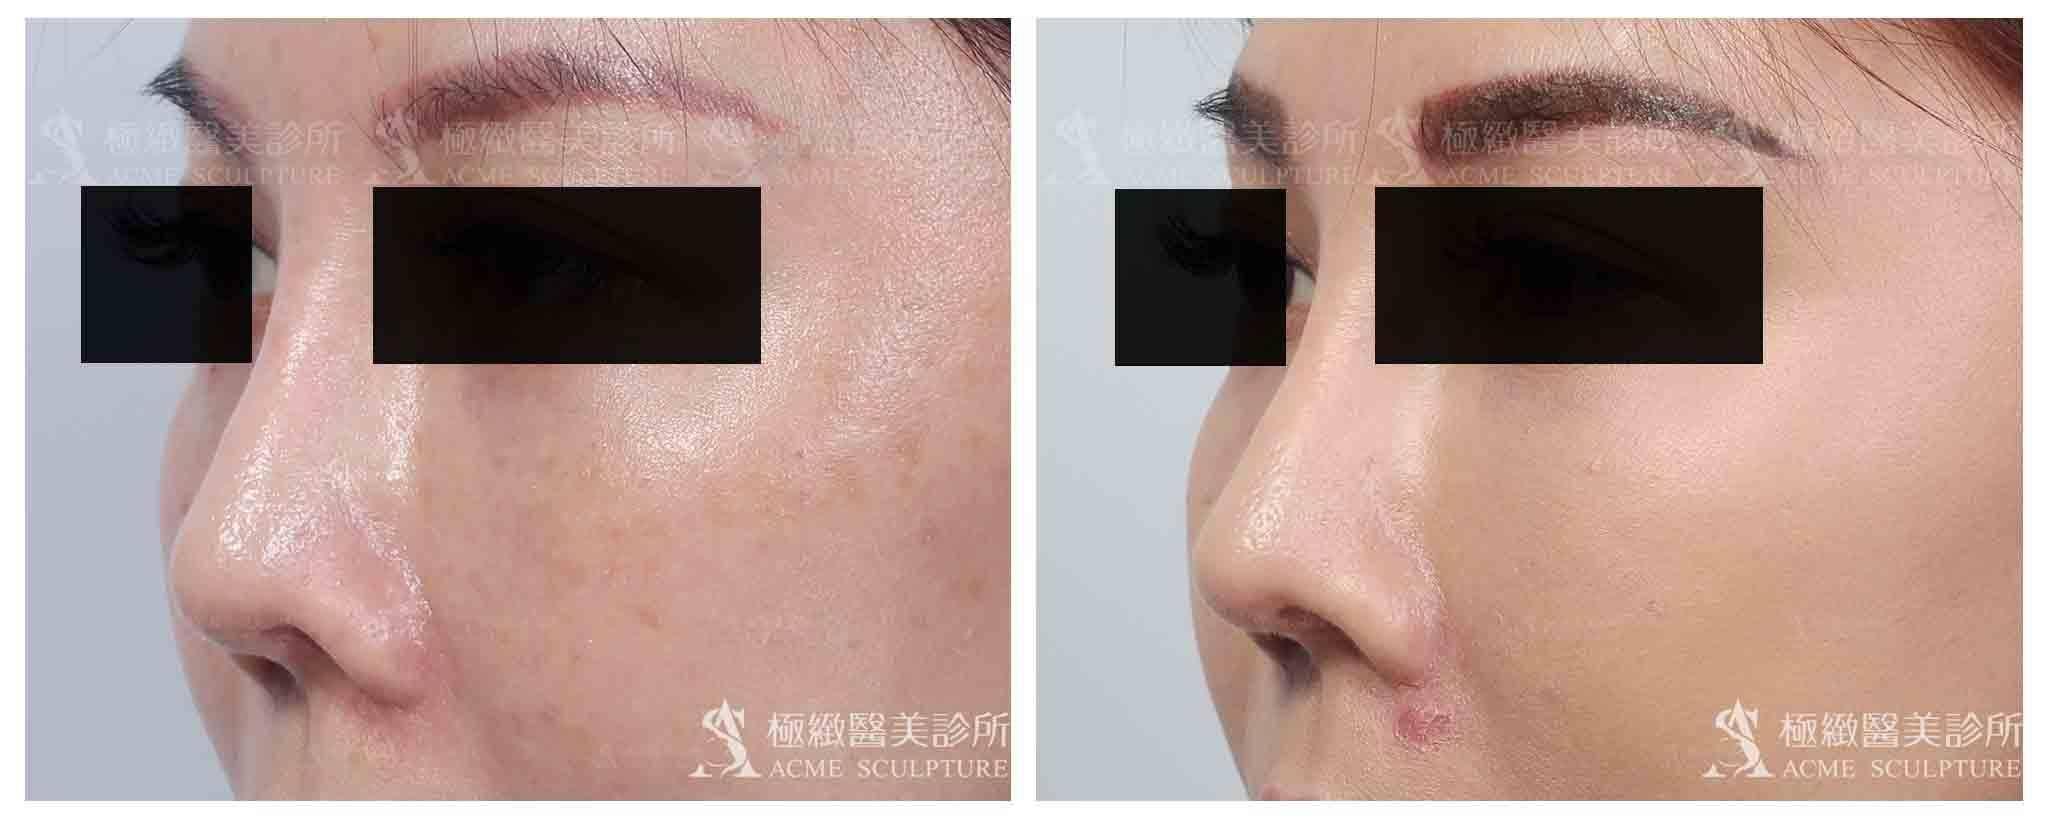 鼻頭重修,鼻頭重建,搶救鼻頭,鼻頭整形,顏正安醫師,顏正安醫生